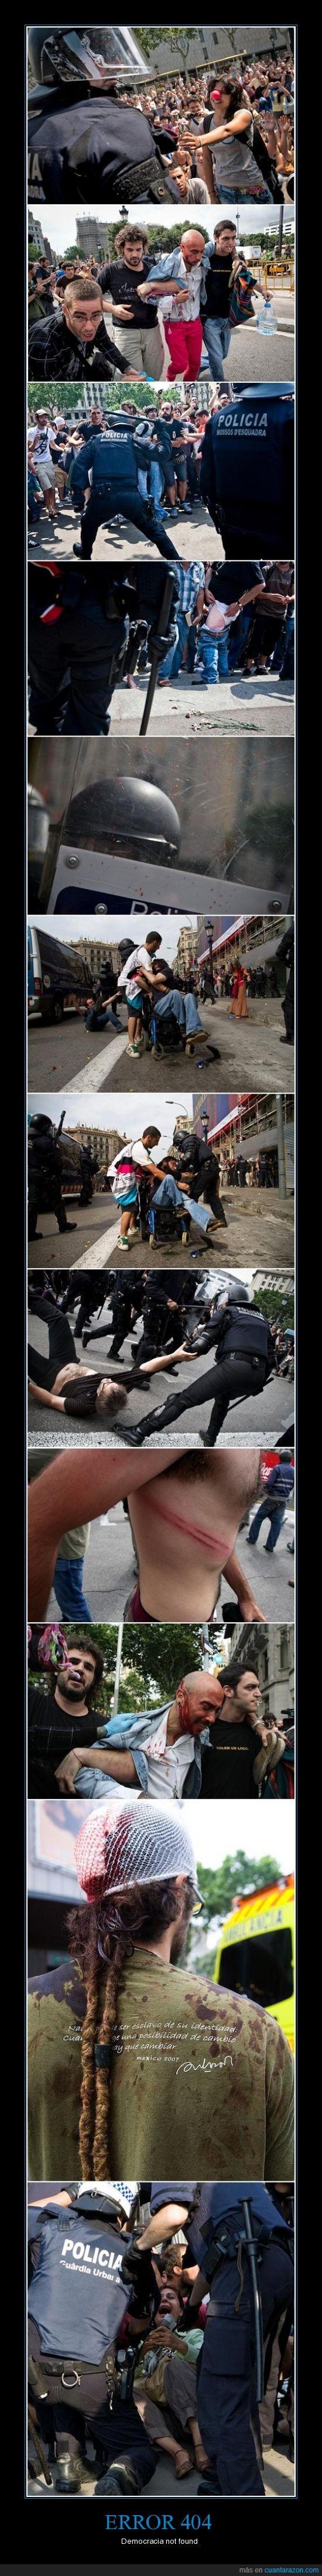 democracia,error,mossos,resistencia pacifica